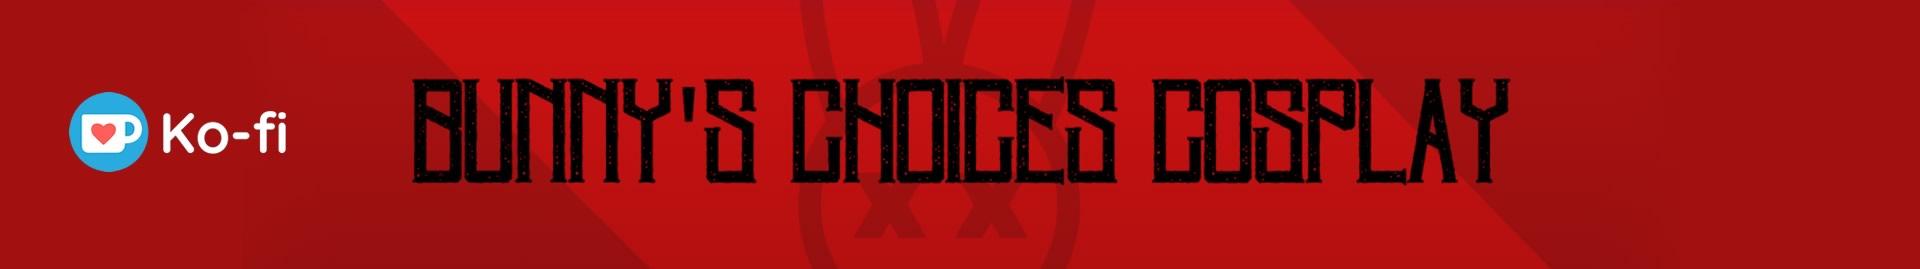 ko fi bunnys choice cosplay - Bunny's Choices Cosplay